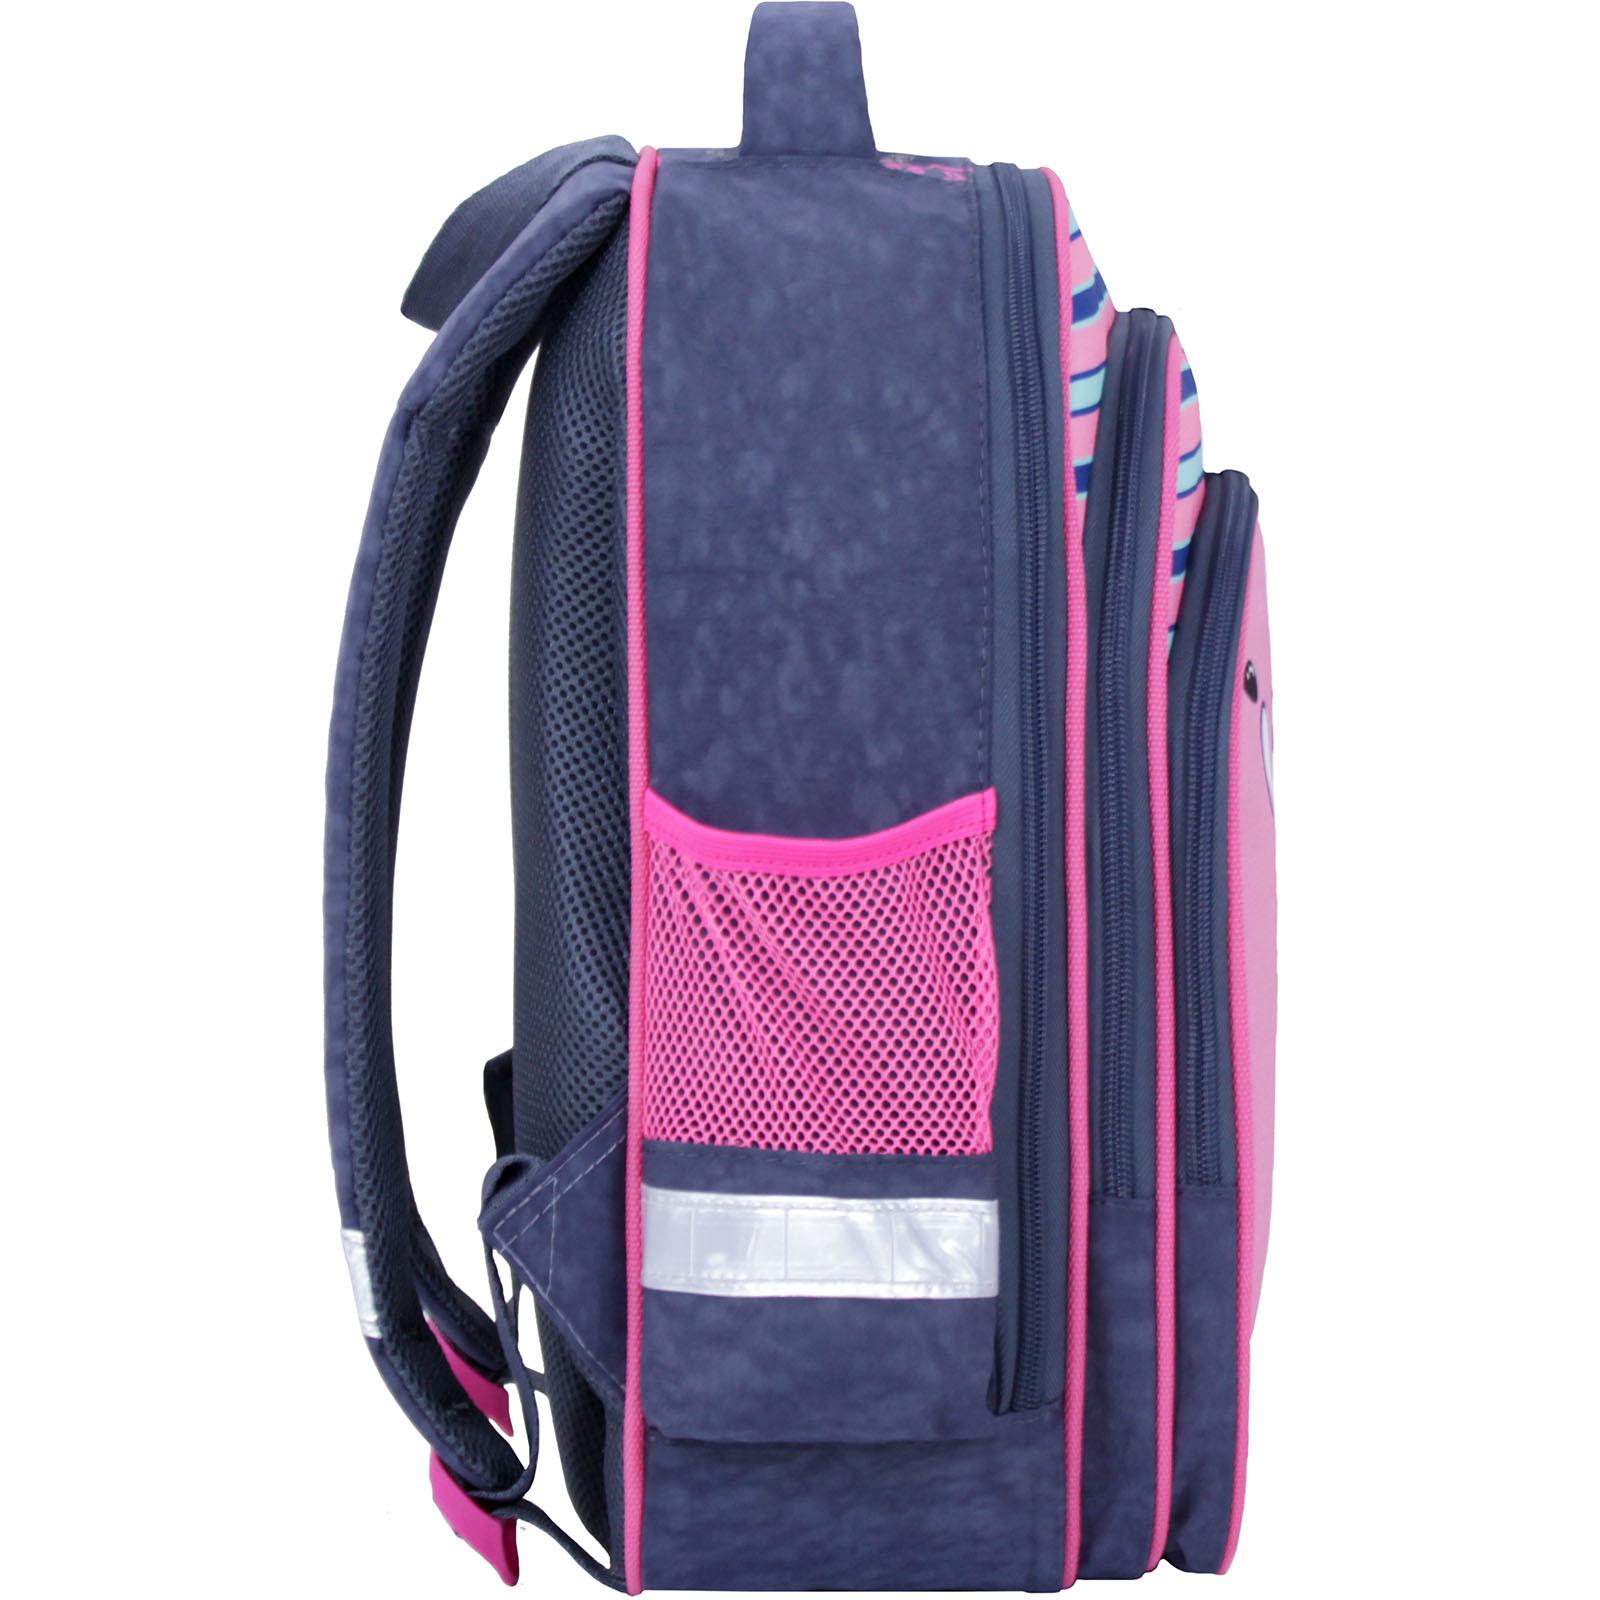 Рюкзак школьный Bagland Mouse 321 серый 204к (0051370) фото 2